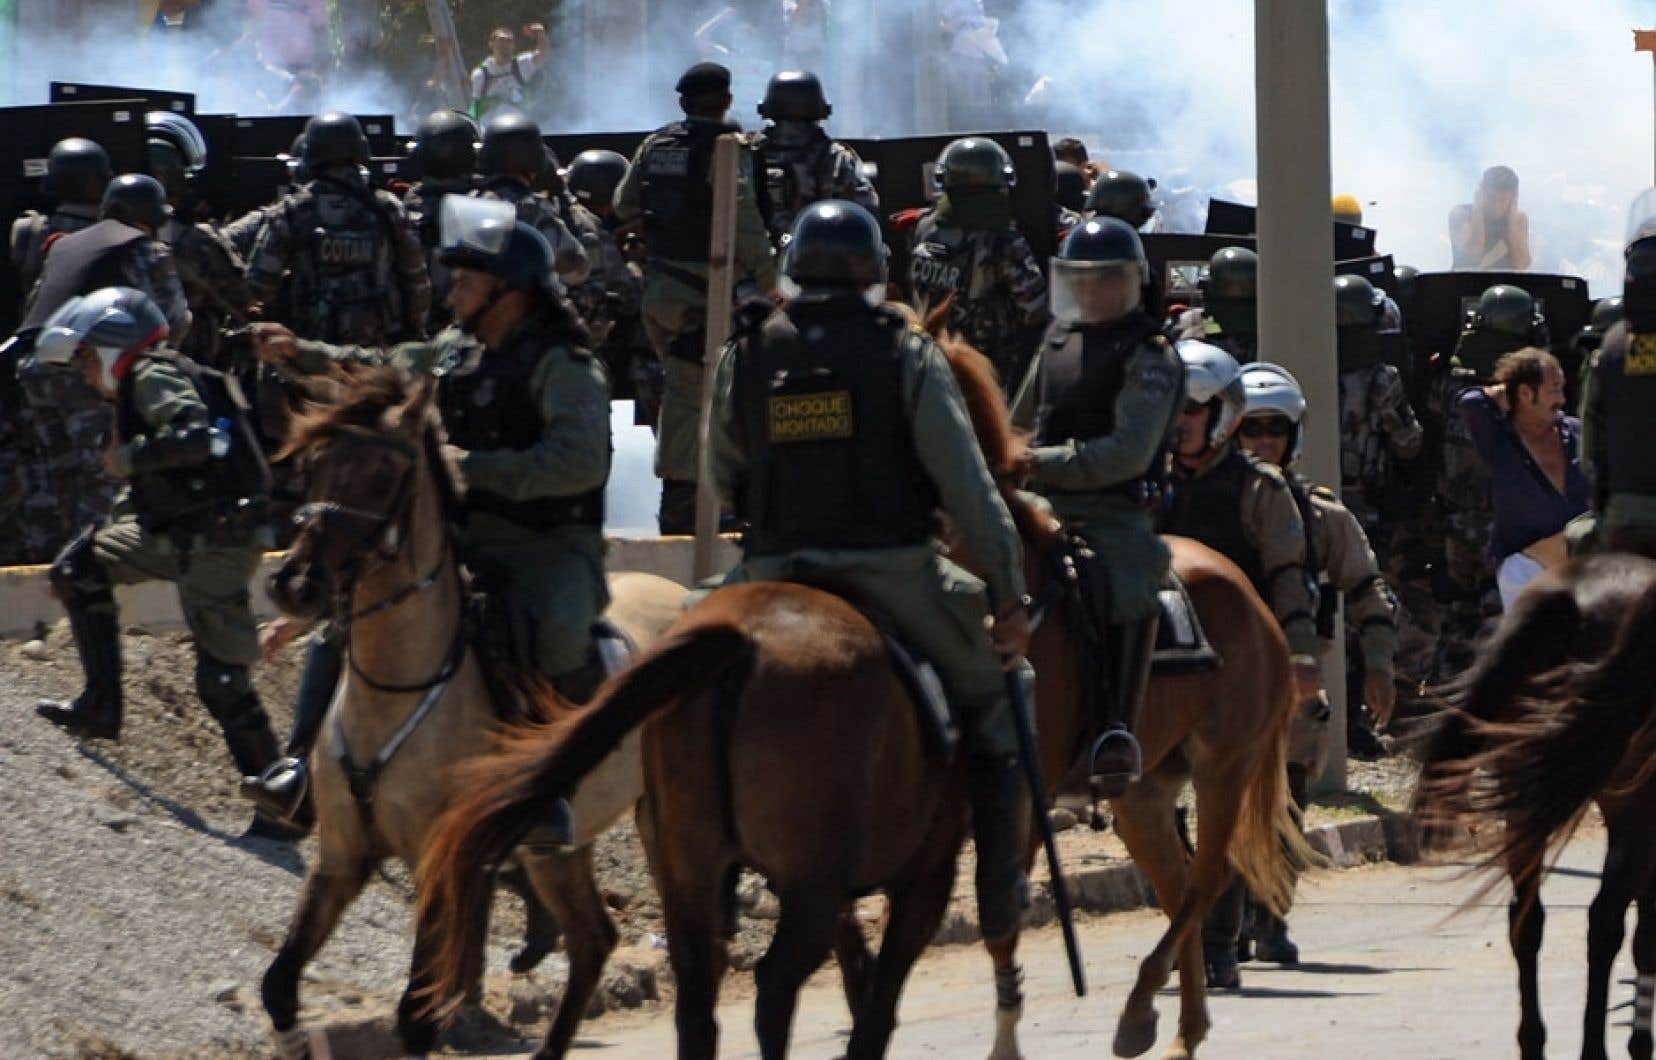 La cavalerie était sur place mercredi, à Fortaleza, pour maîtriser les manifestants.